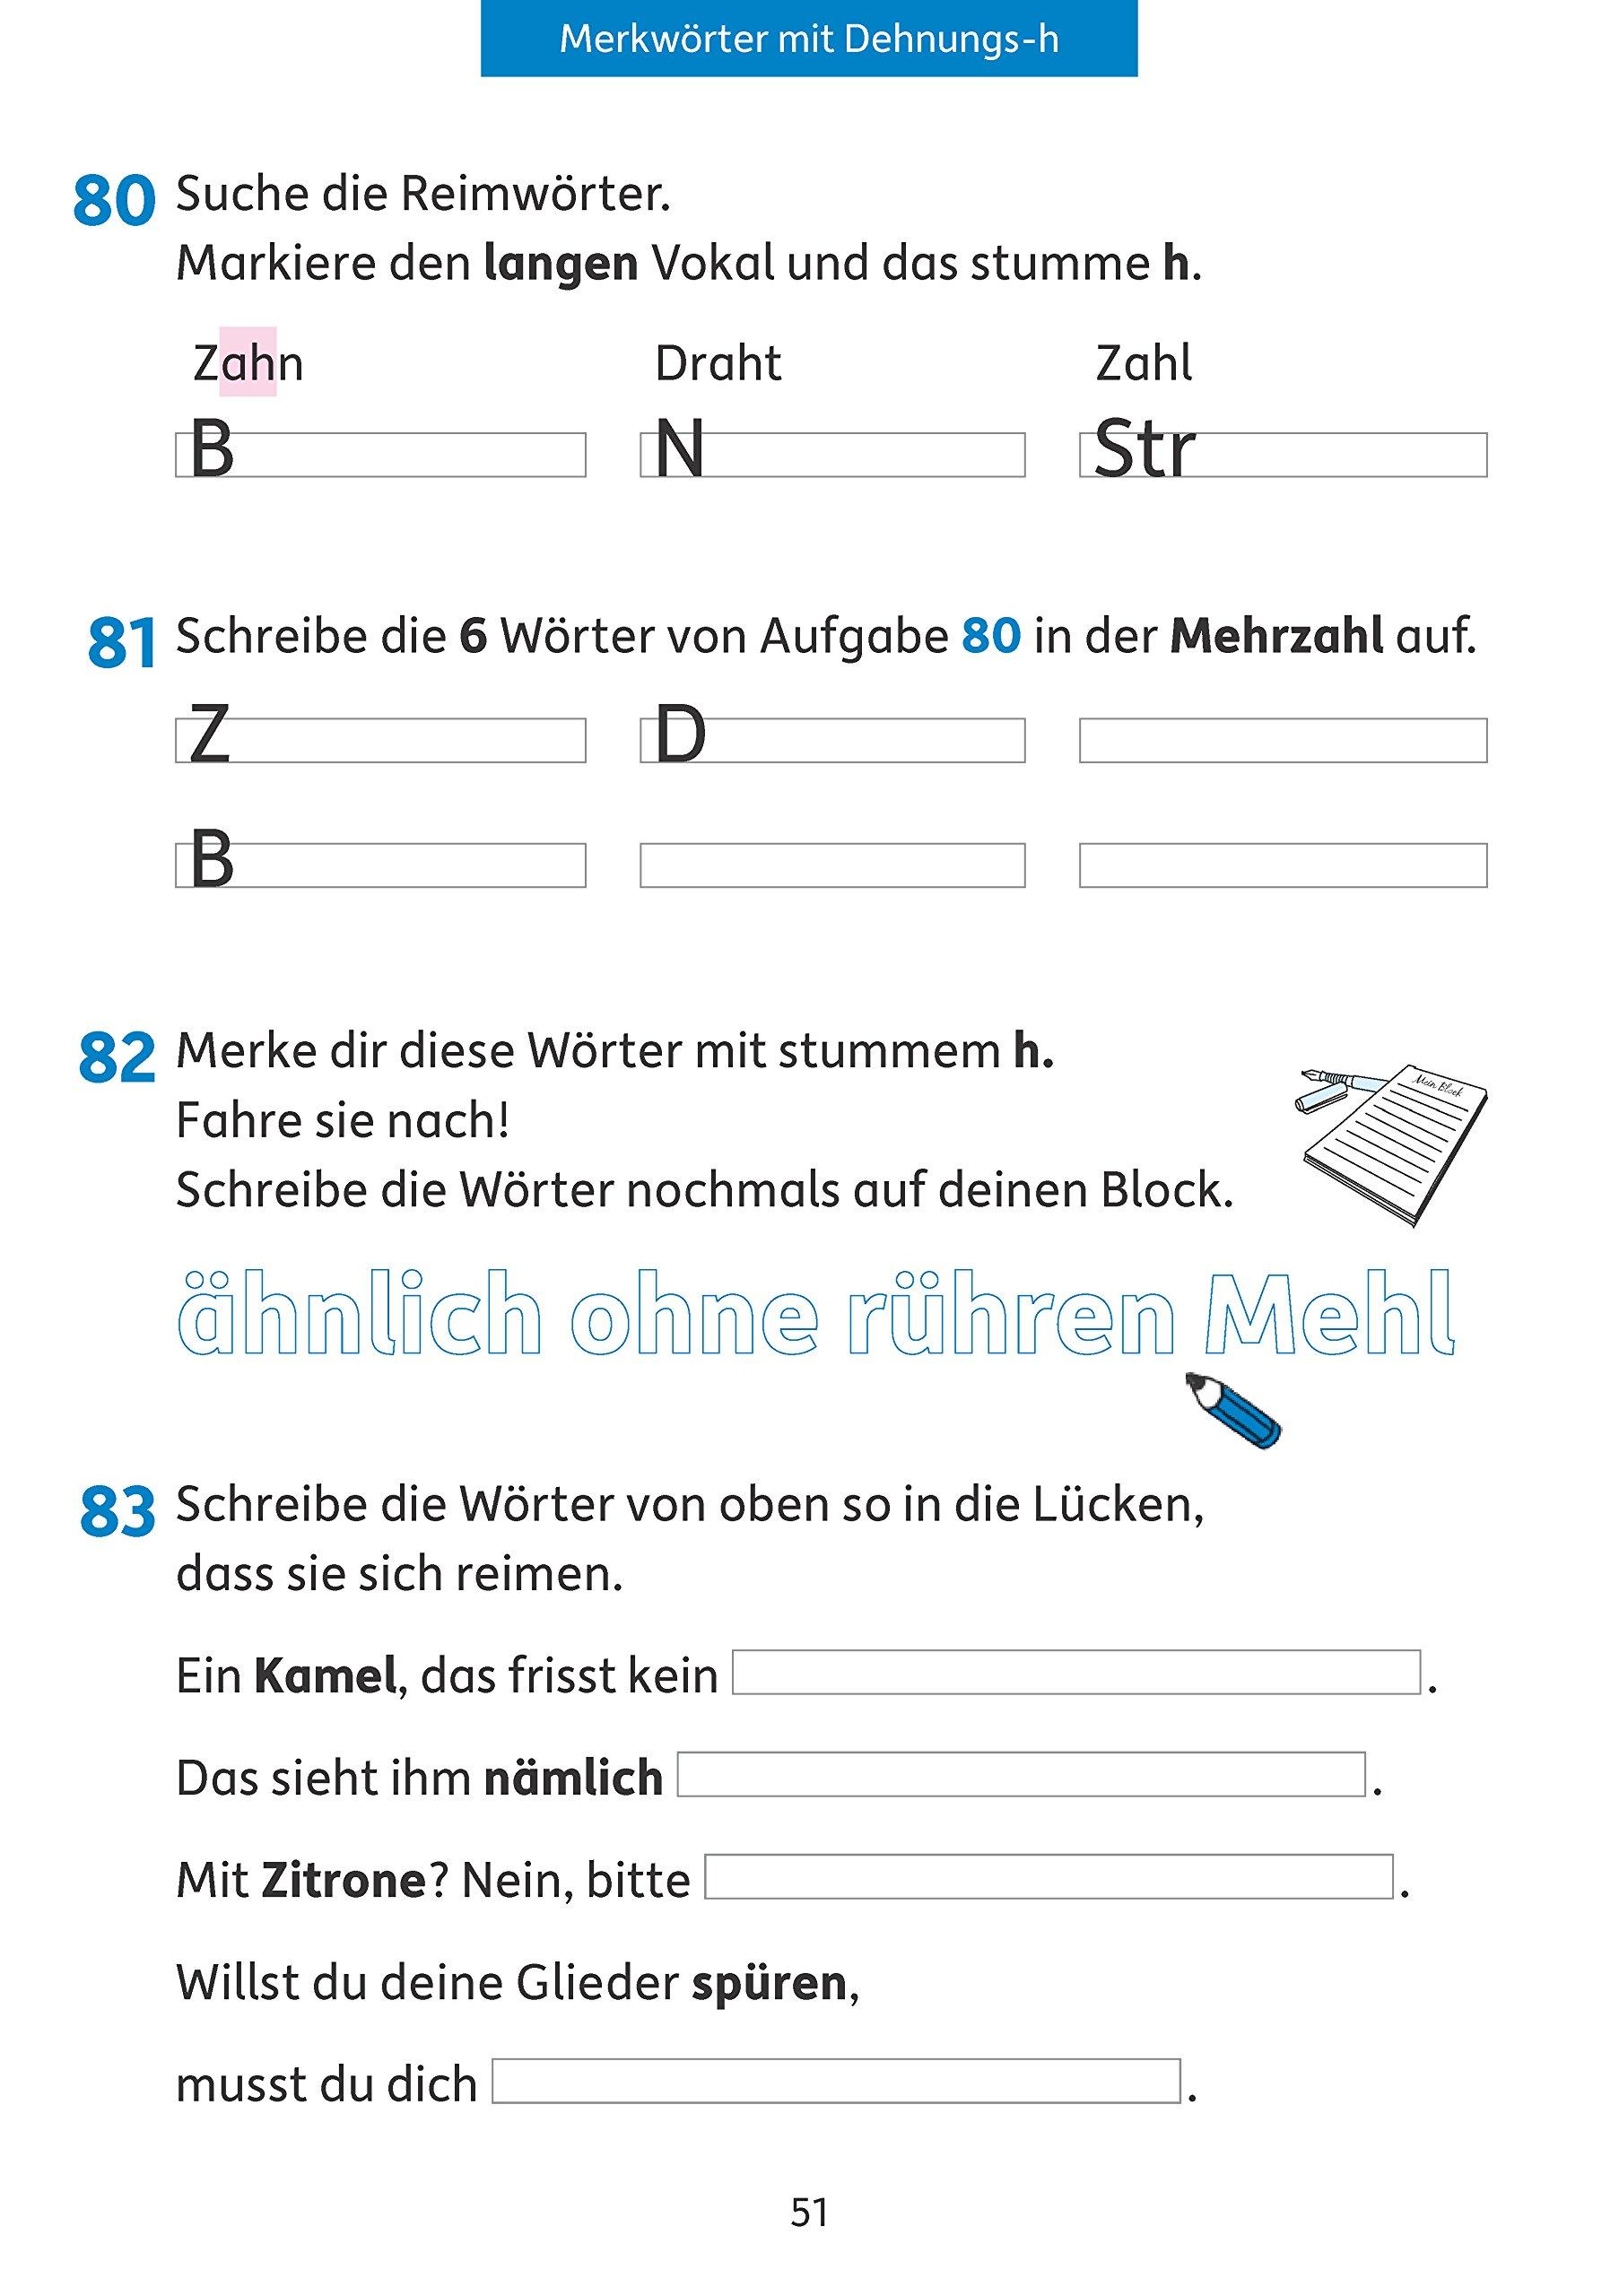 Rechtschreiben und Diktate 3. Klasse Deutsch: Rechtschreiben und ...